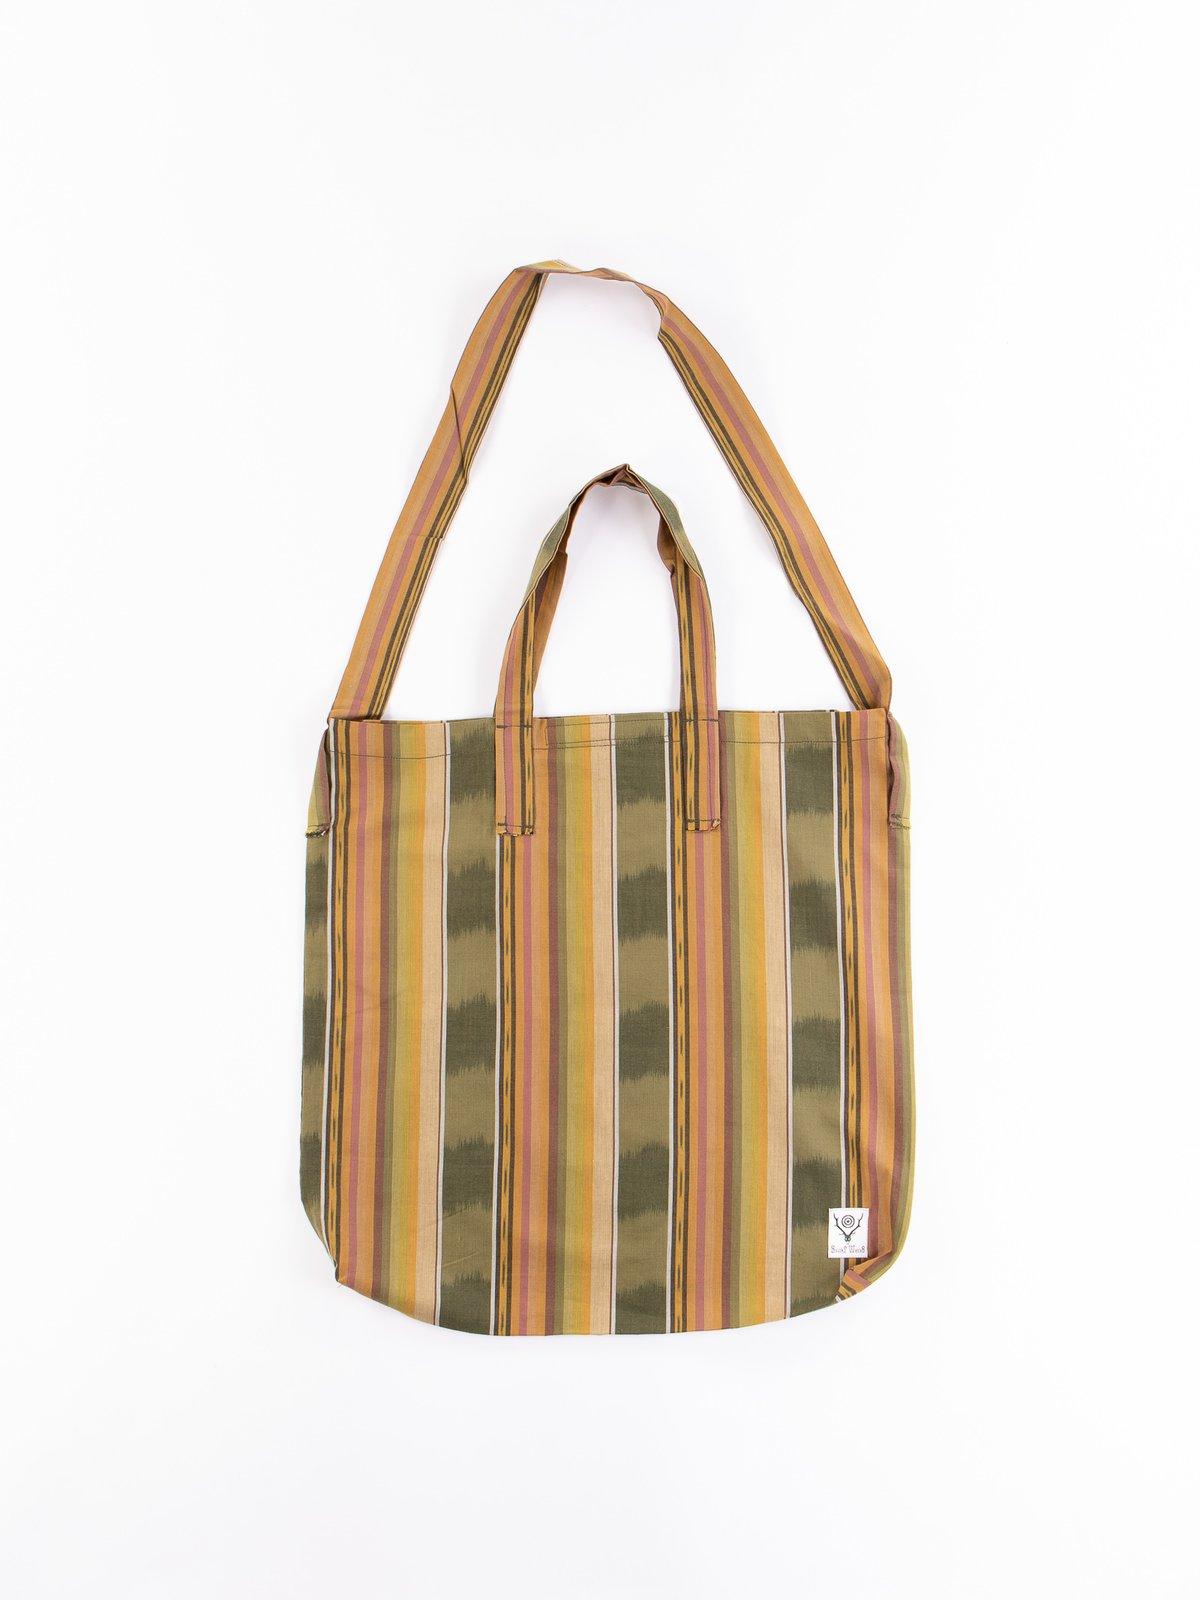 Green/Beige/Brown lkat Pattern Grocery Bag - Image 1